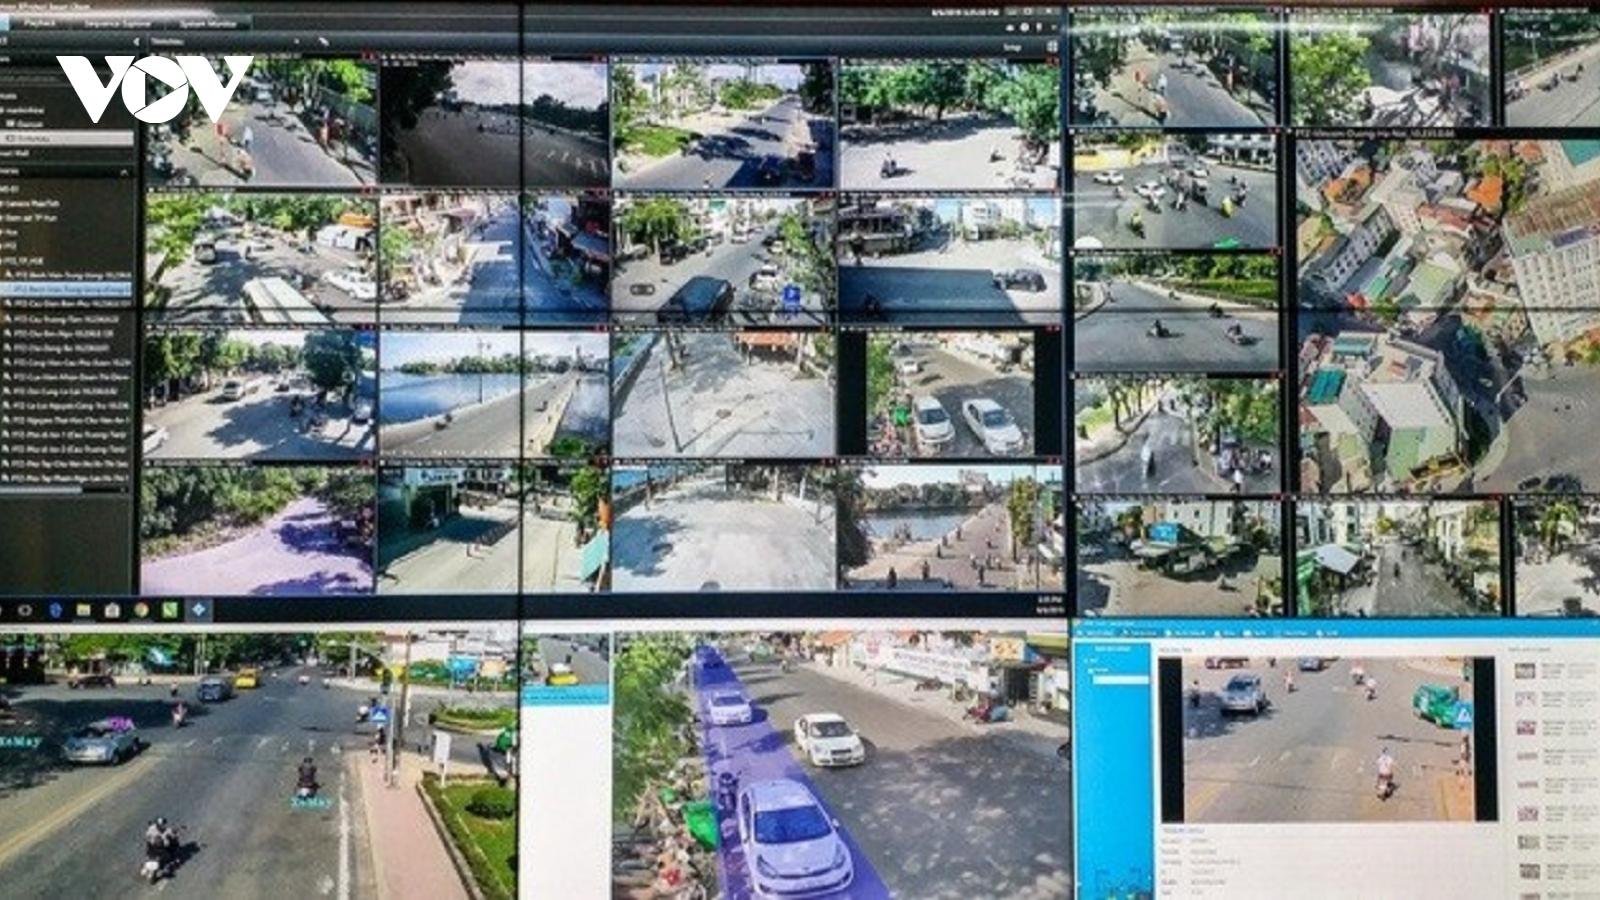 Phạt nguội hơn 1.000 phương tiện vi phạm qua camera tại Thừa Thiên Huế